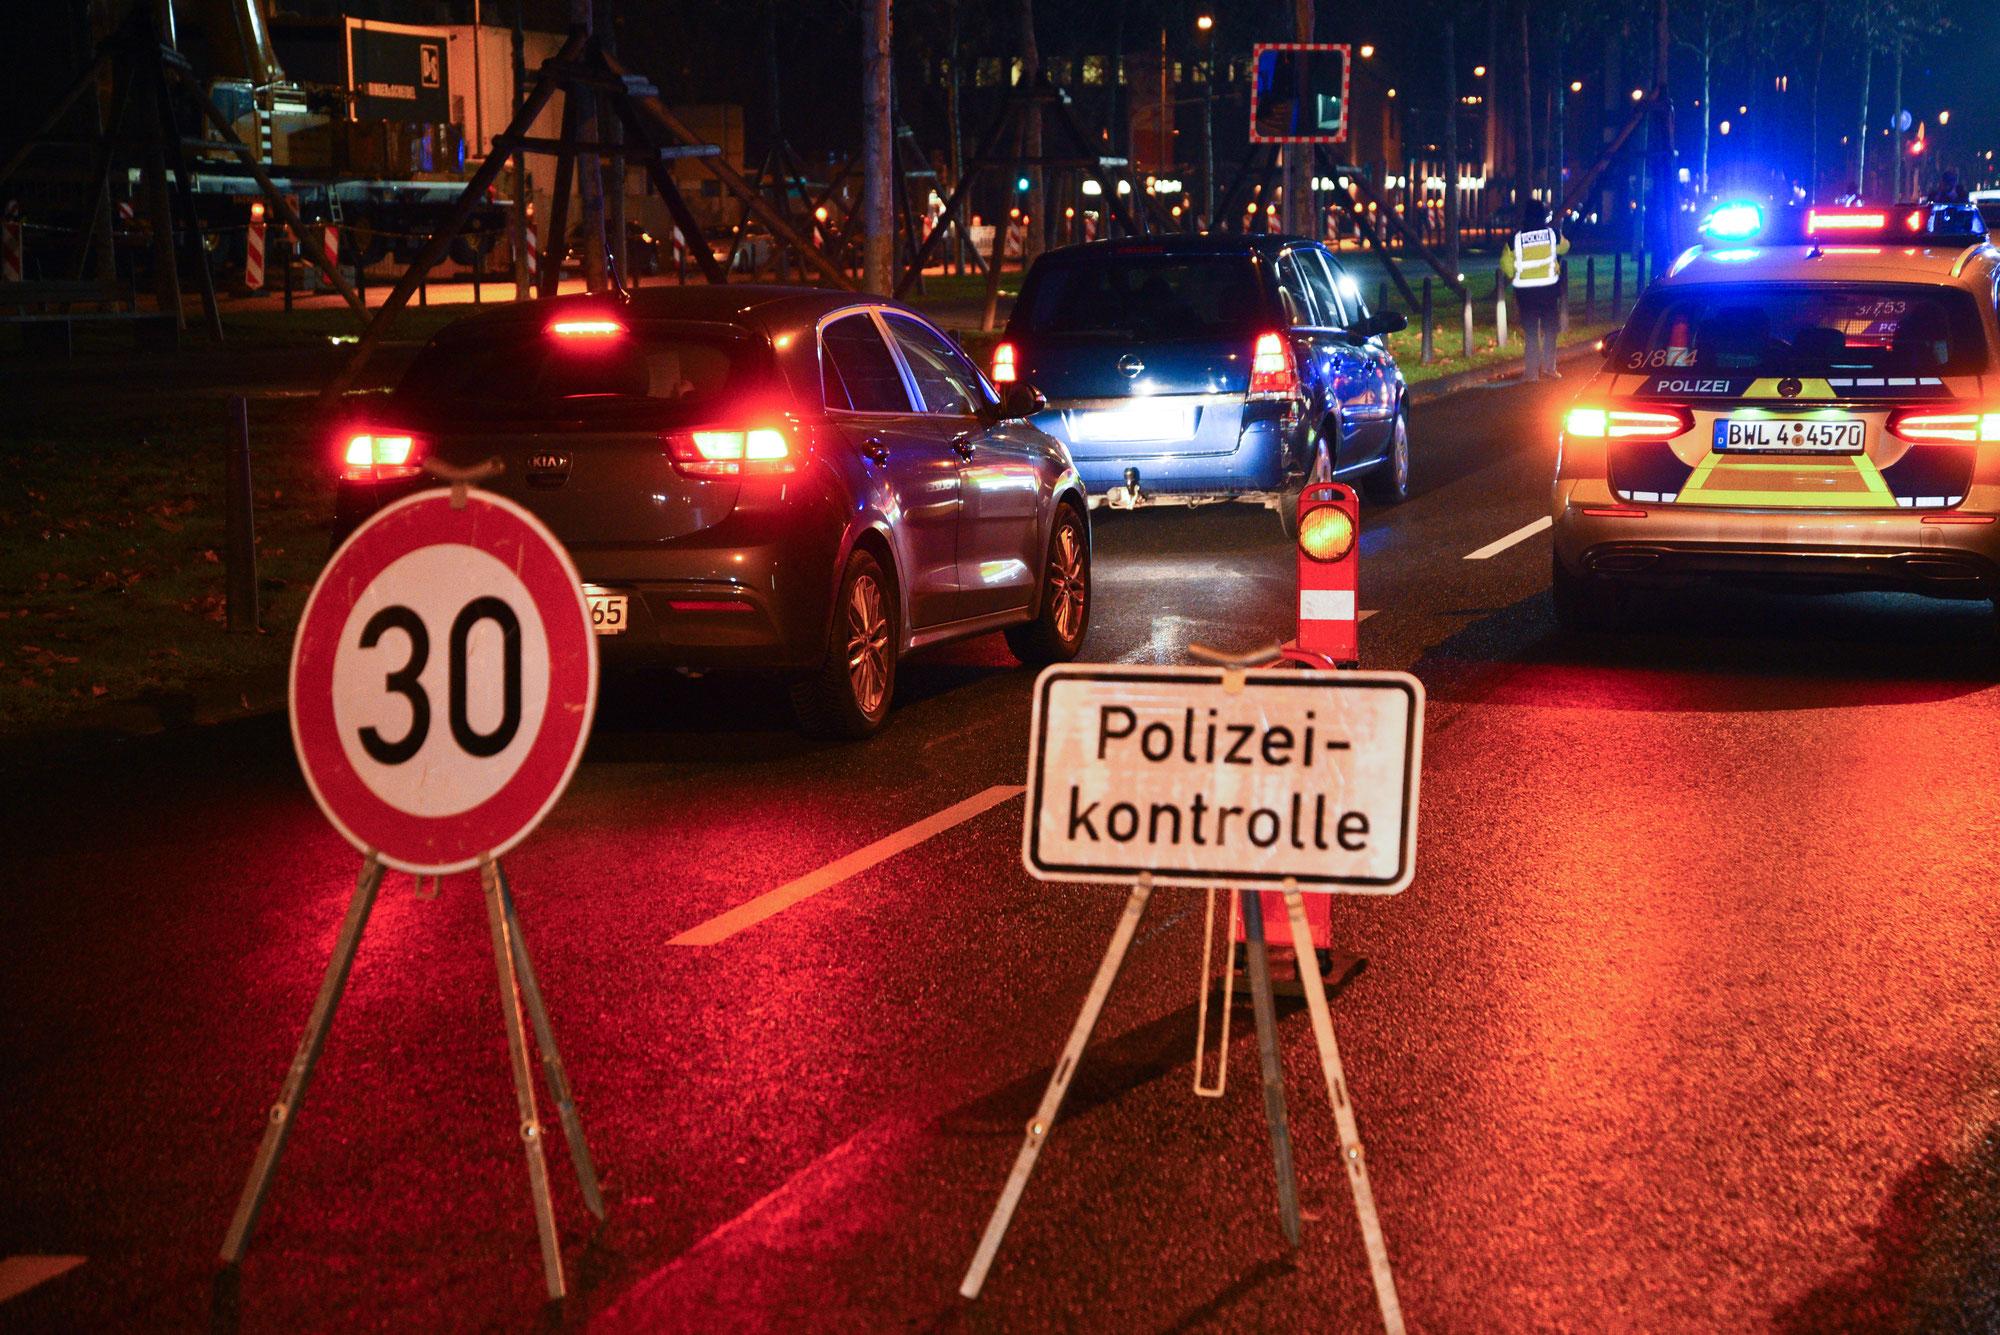 Mannheim-Rheinau: Schwerpunktkontrolle zur Bekämpfung von Alkohol- und Drogendelikten im Straßenverkehr